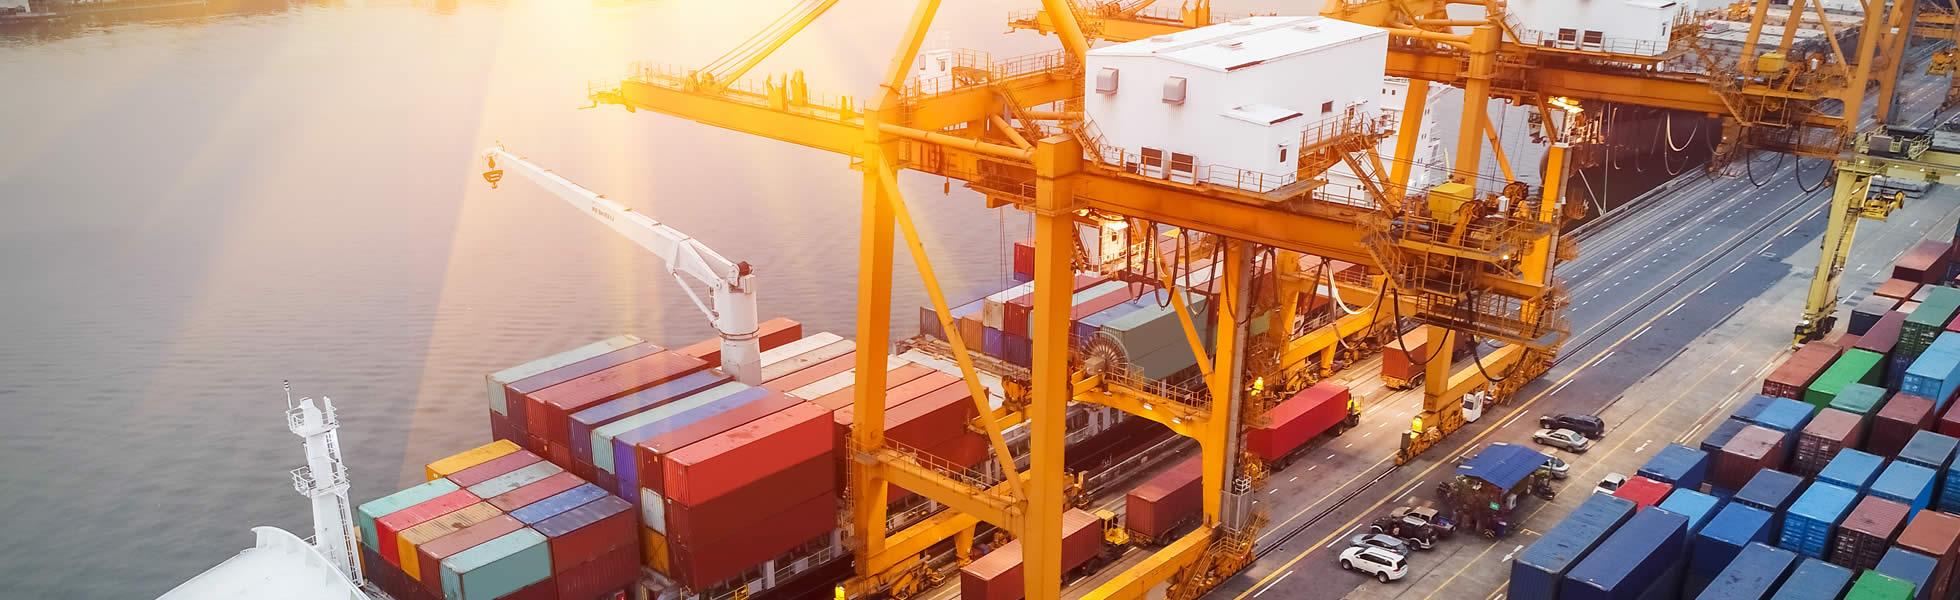 Krananlage Containerhafen